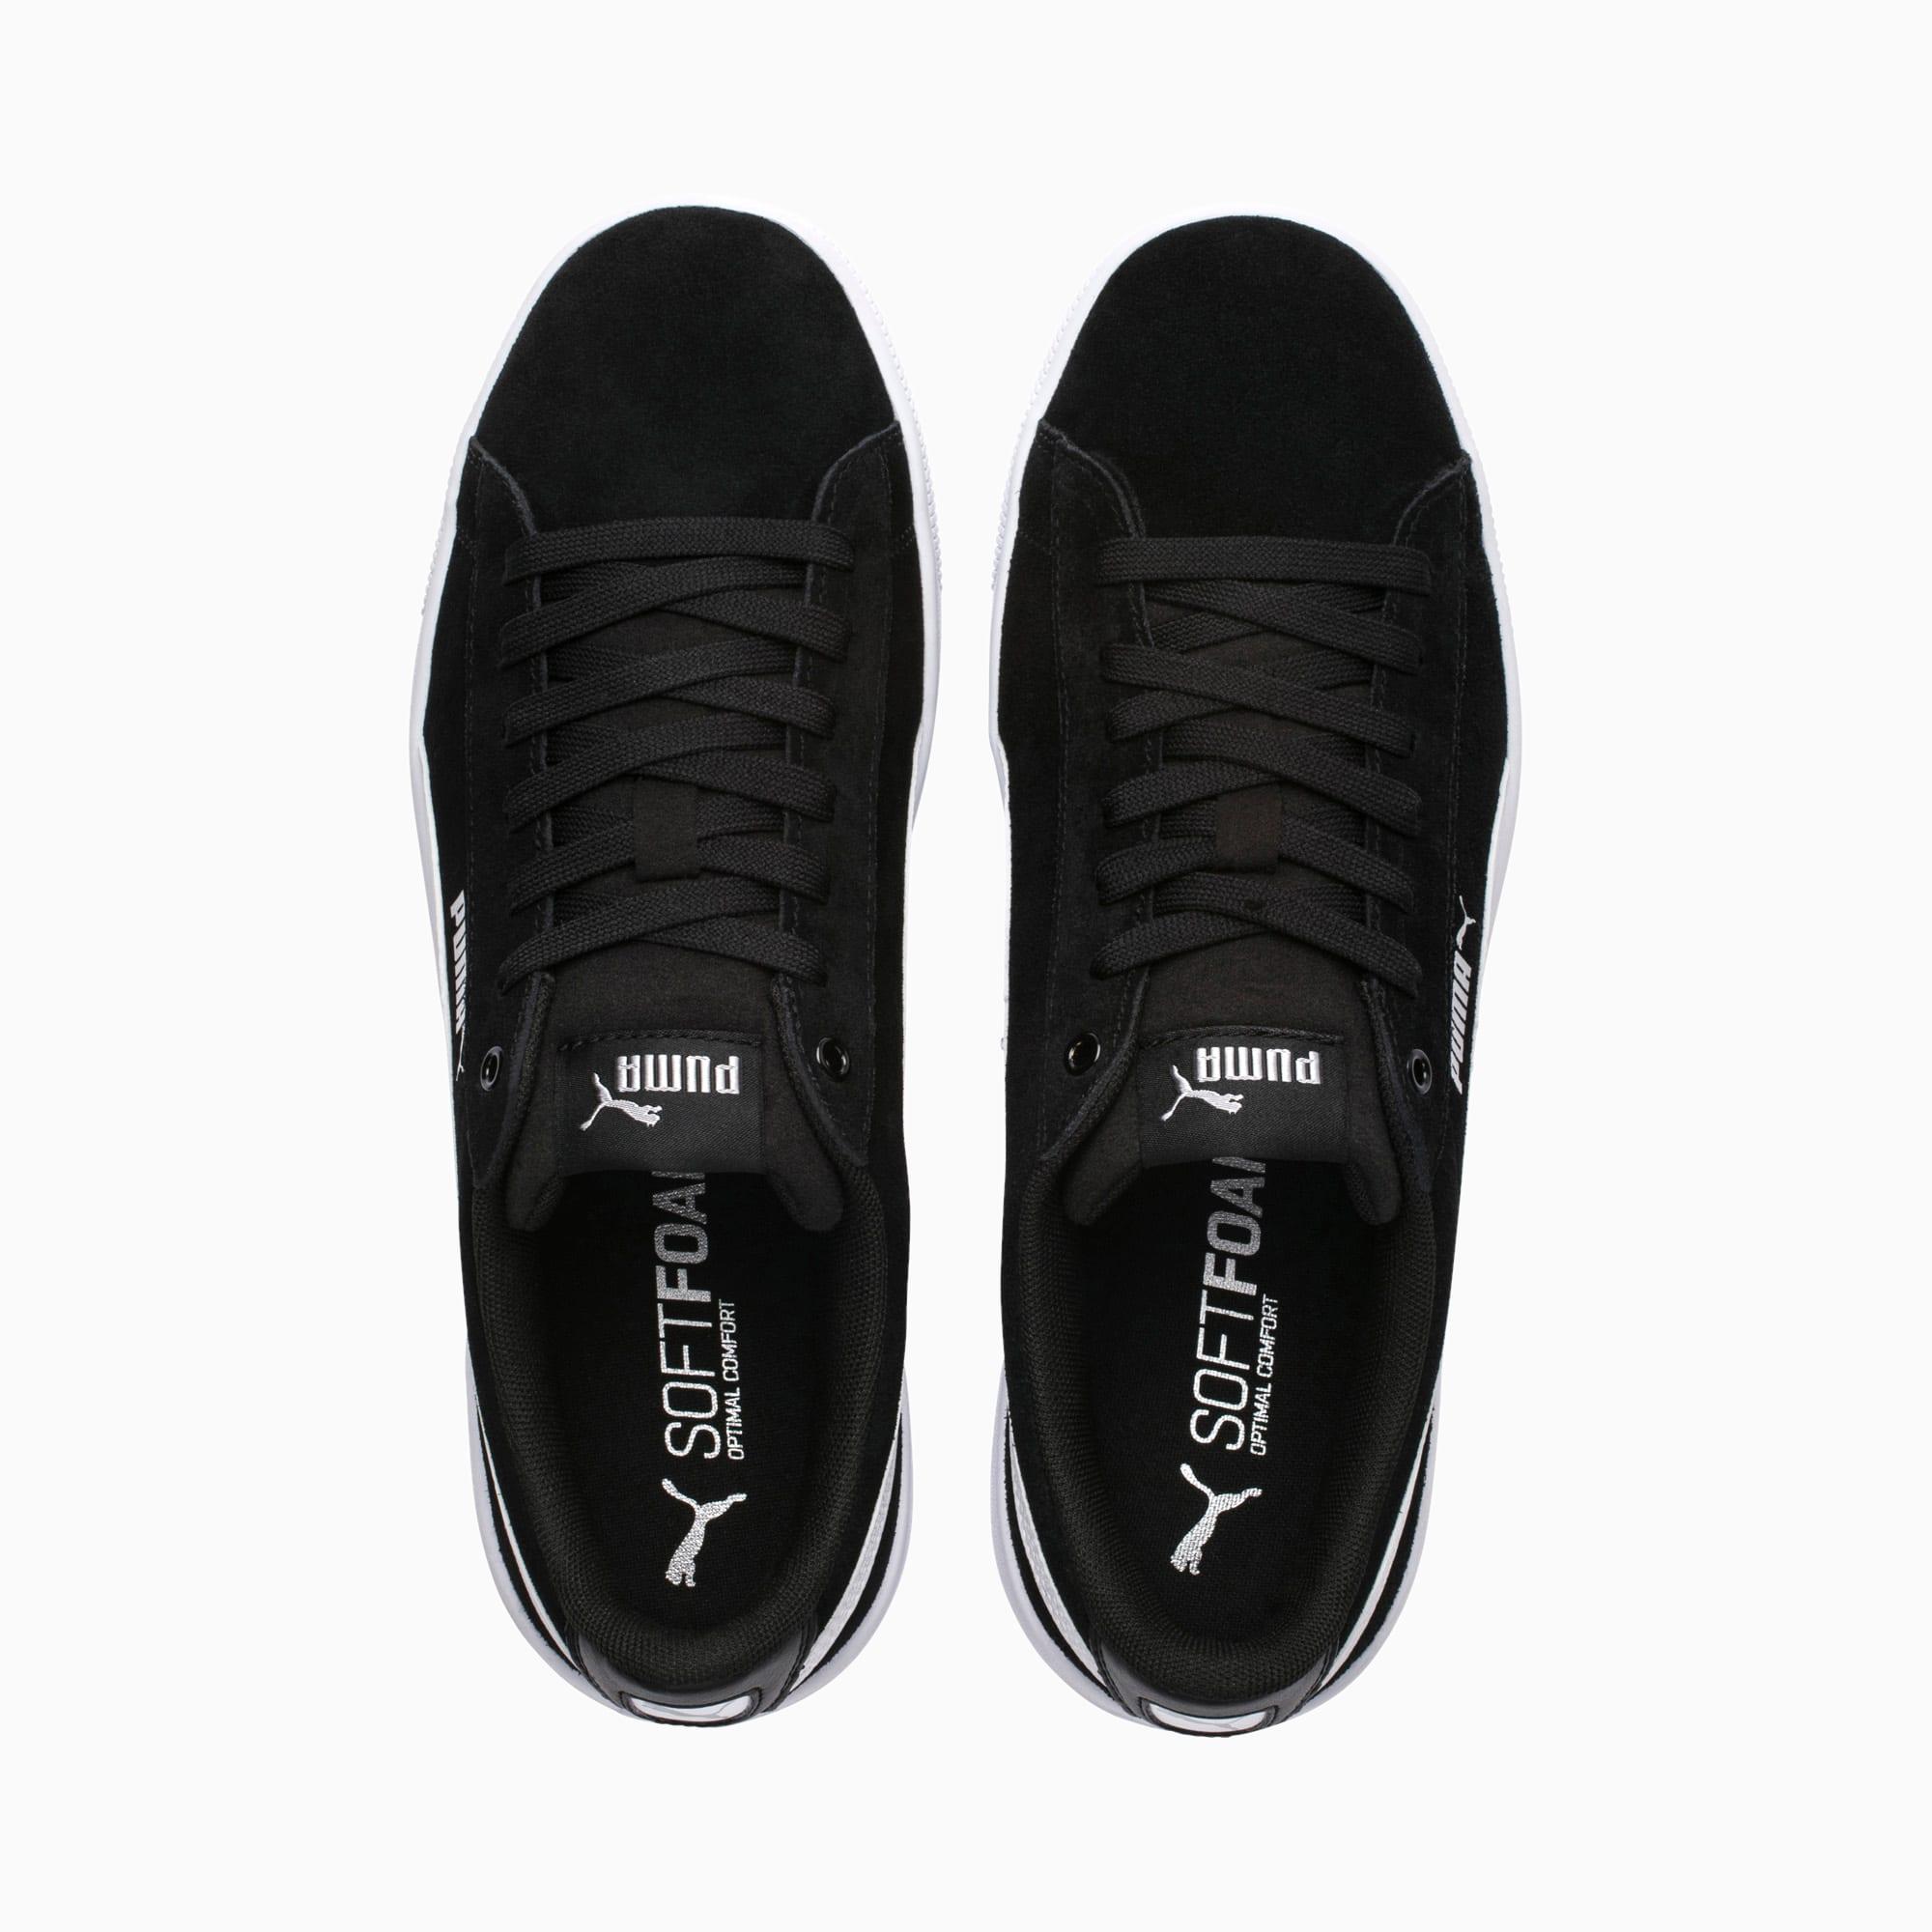 Vikky v2 Damen Sneaker | Puma Black Puma White Silver | PUMA